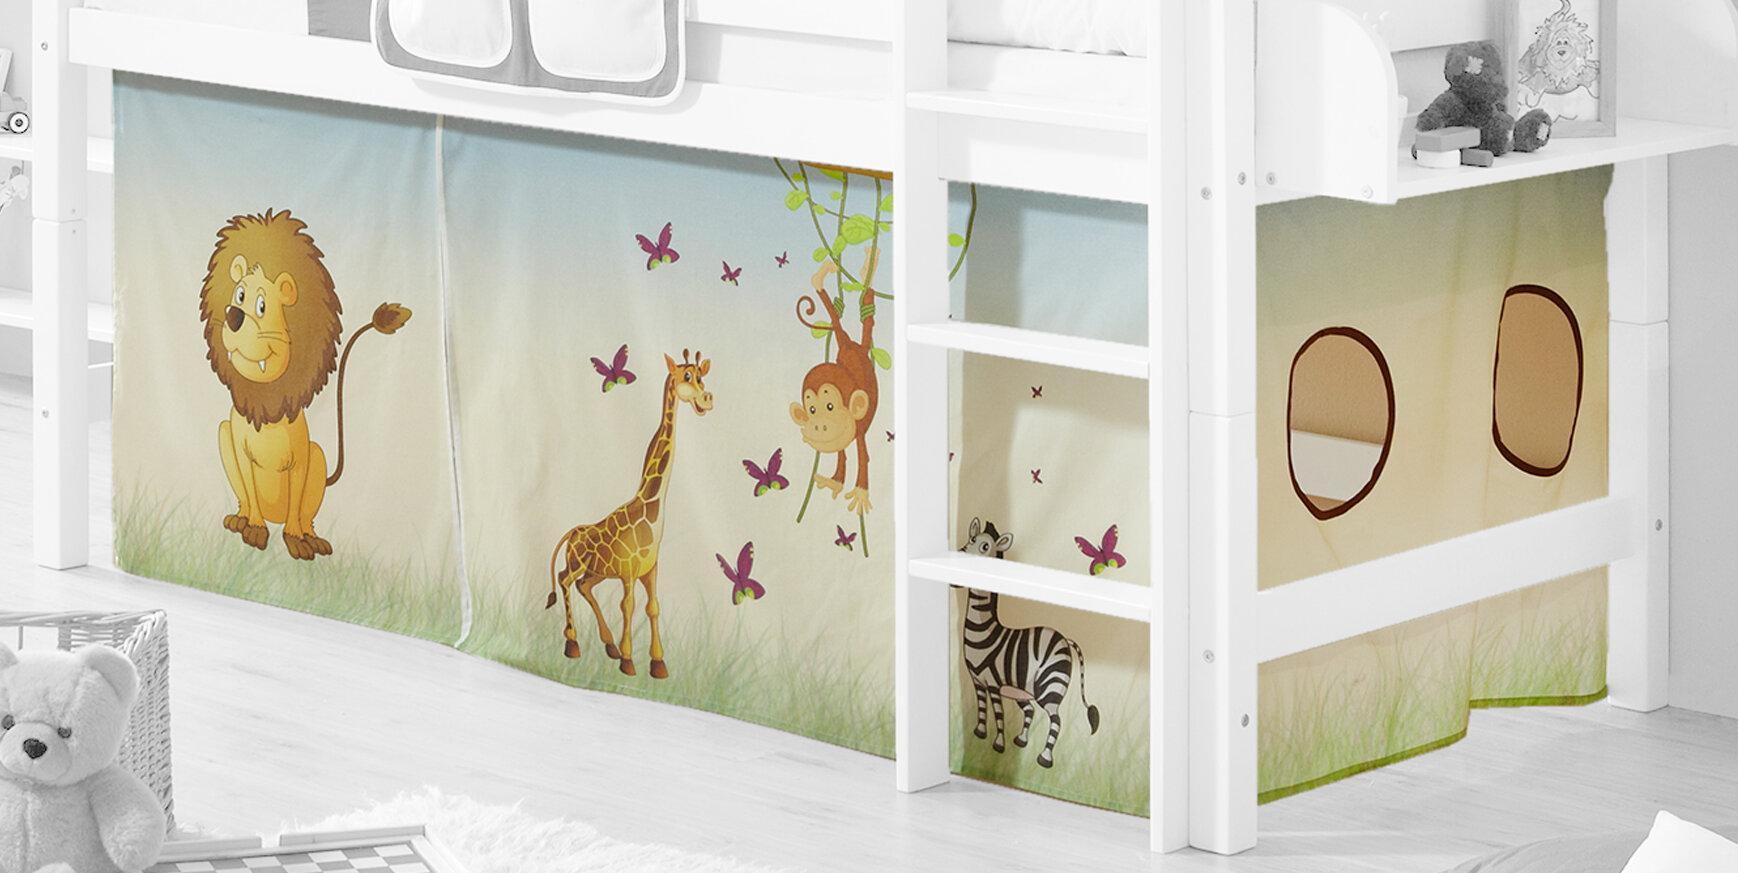 Ticaa Etagenbett Vorhang : Ticaa hochbett vorhang safari wayfair.de